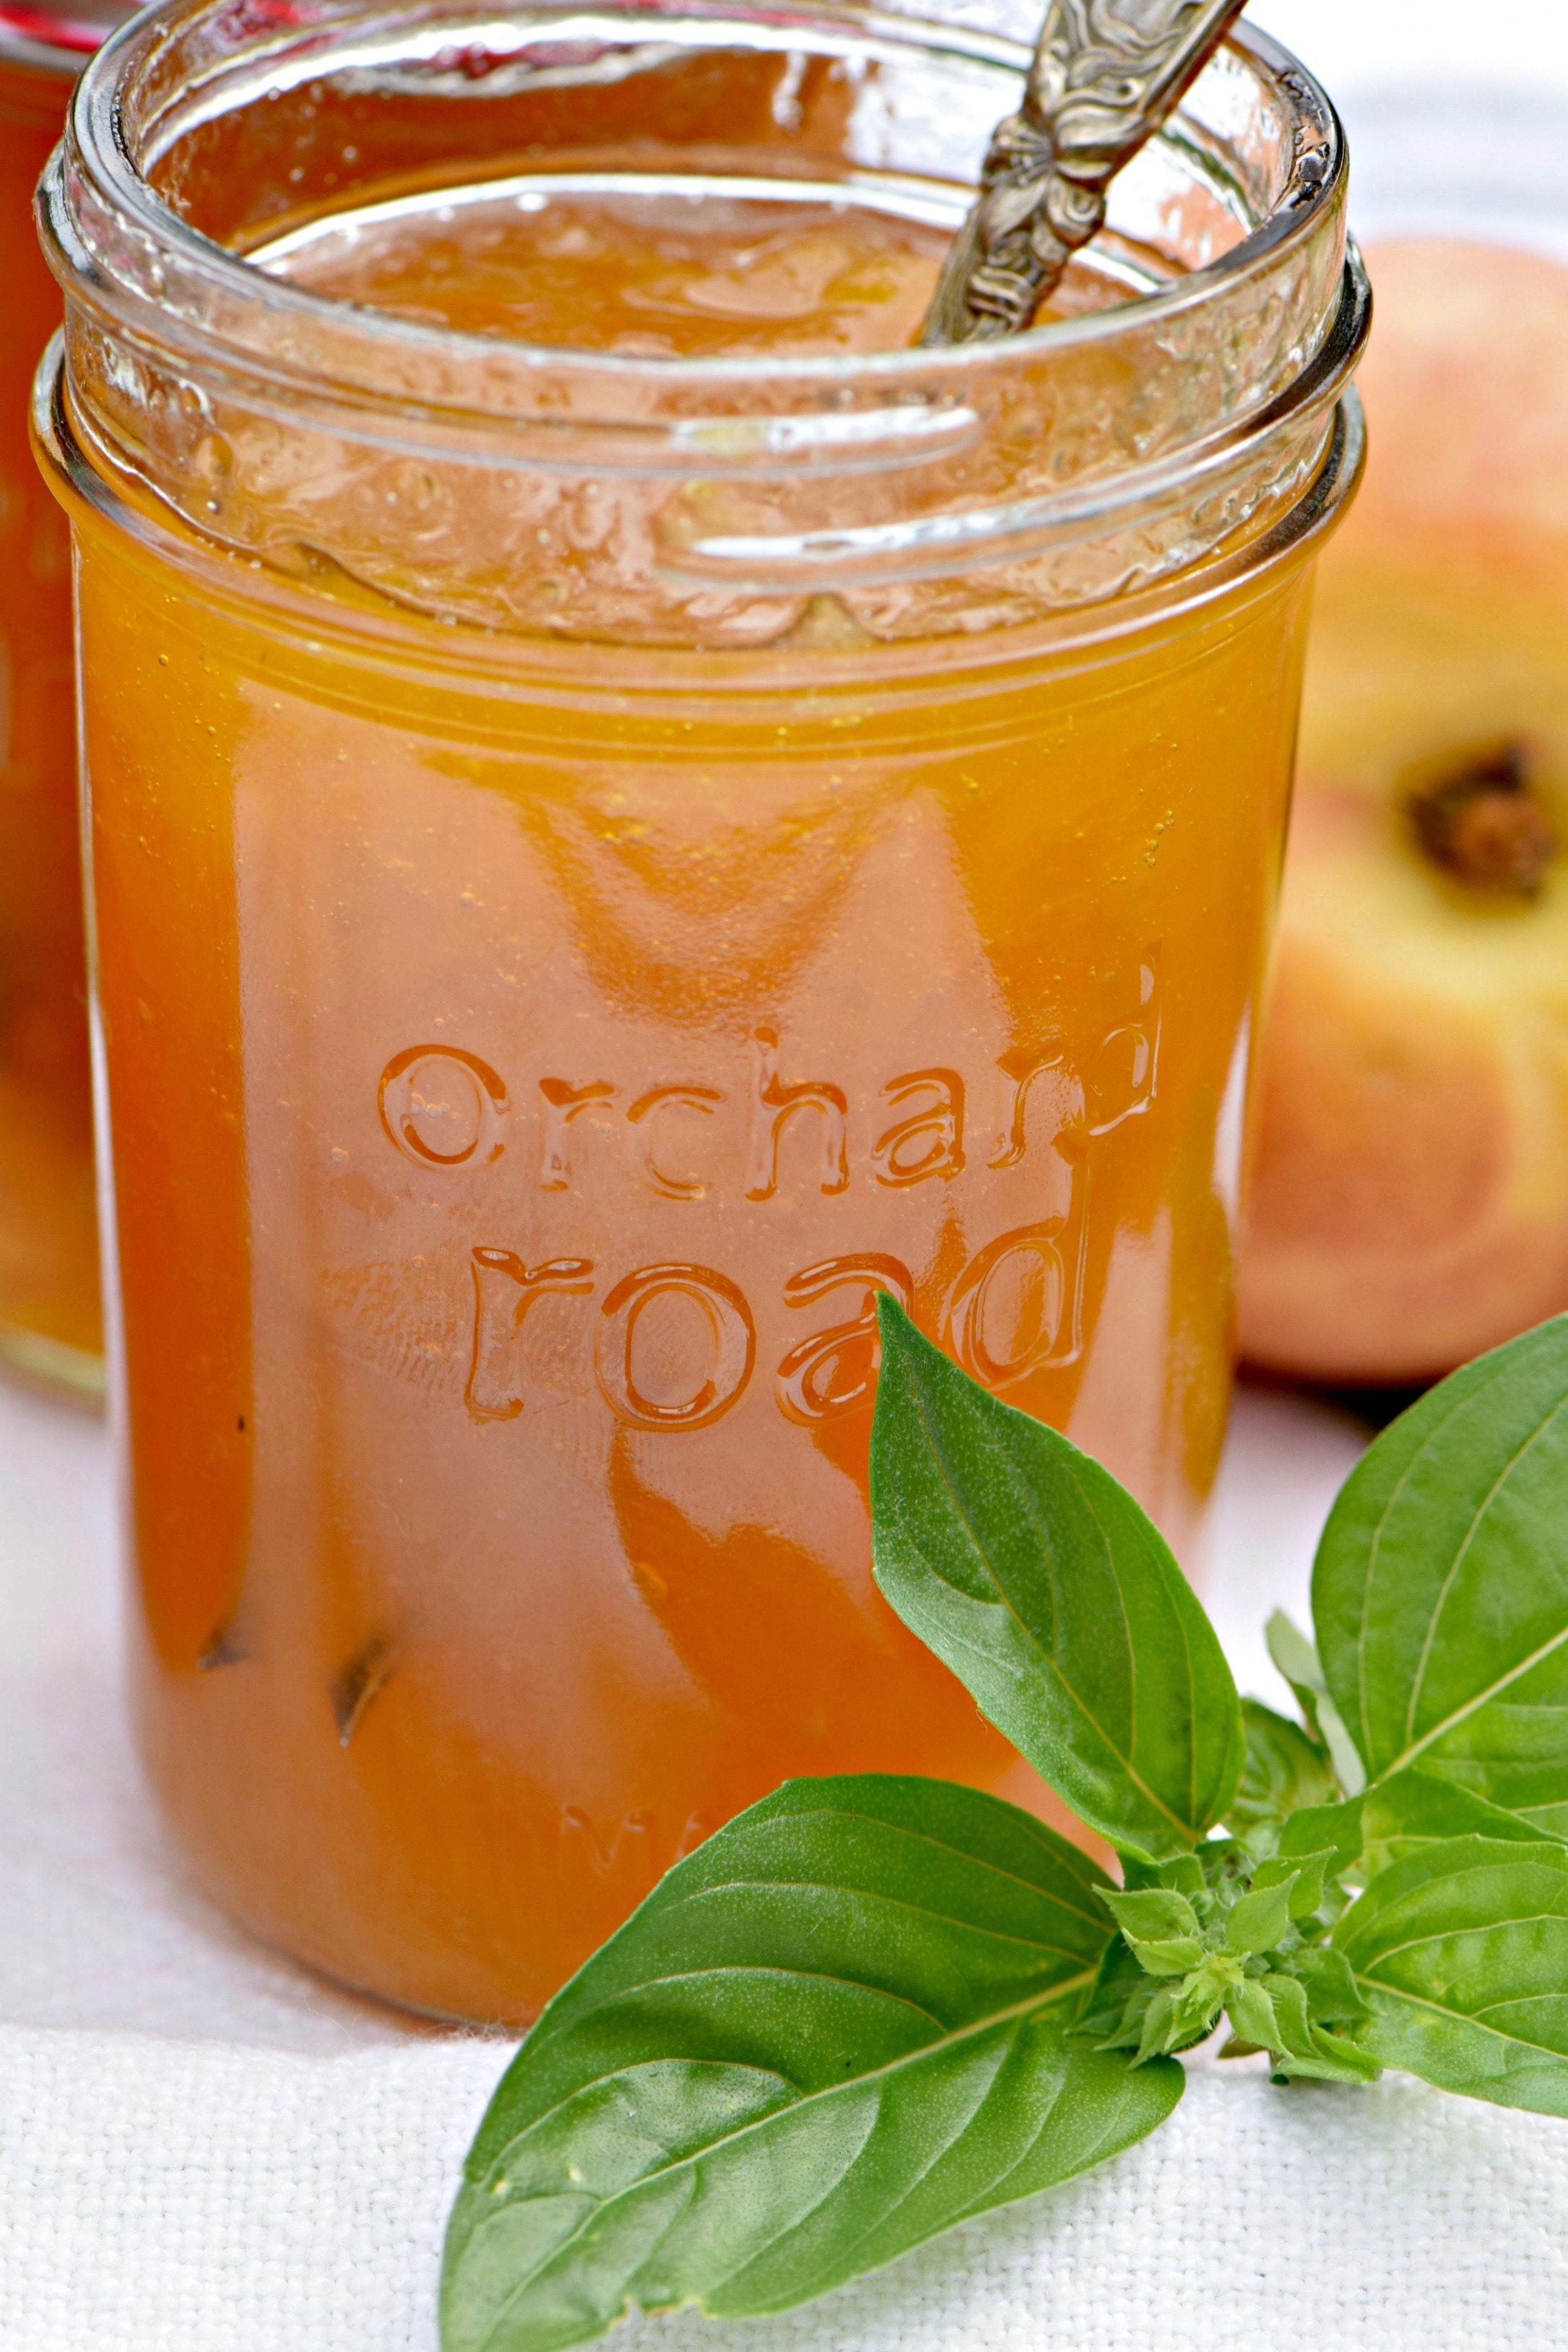 Peaches Jar Vertical